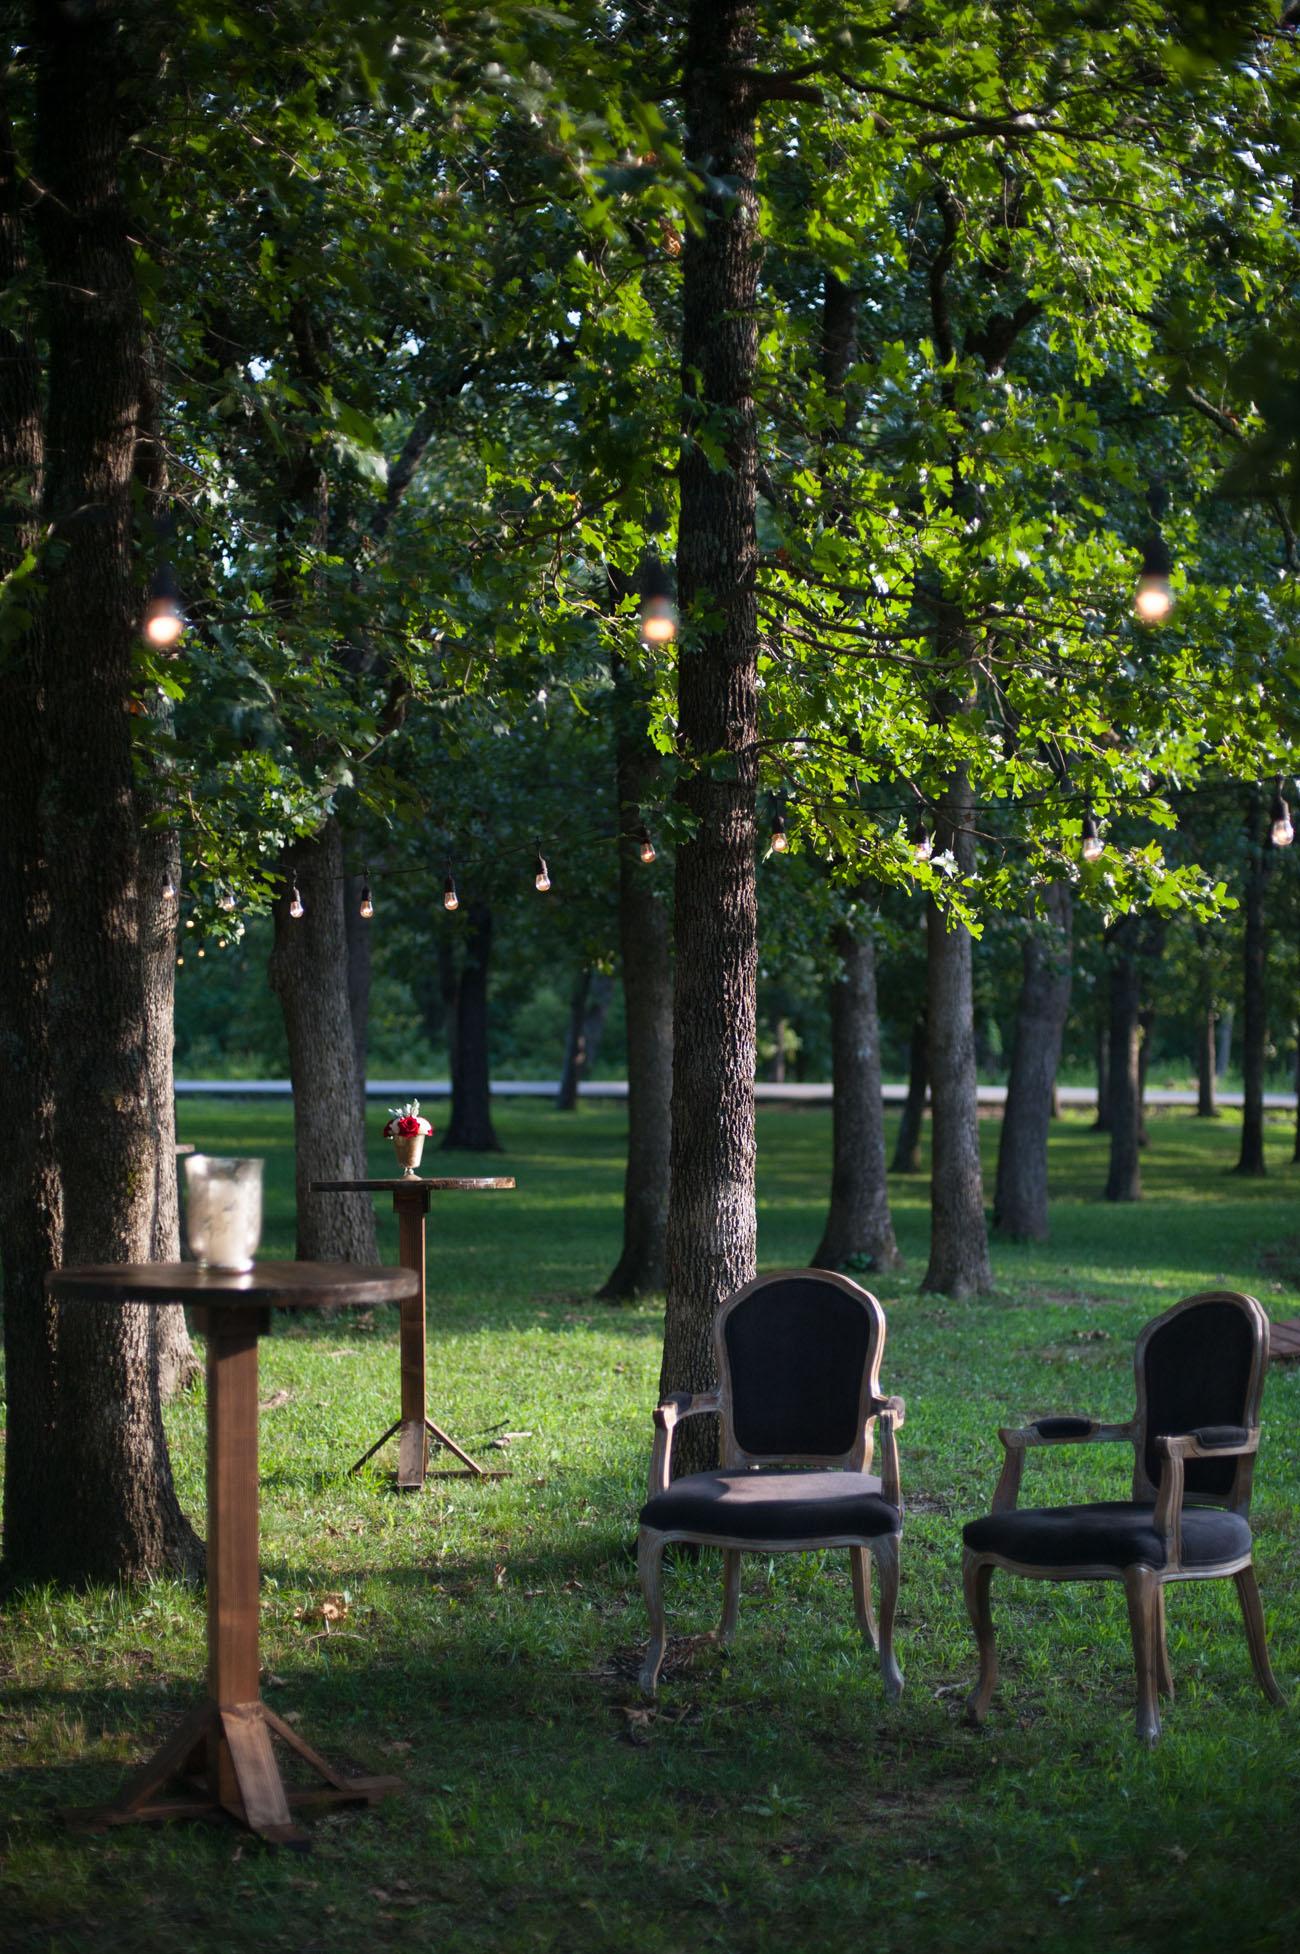 la-vintage-rentals-post-oak-lodge-tulsa-ok-08.jpg